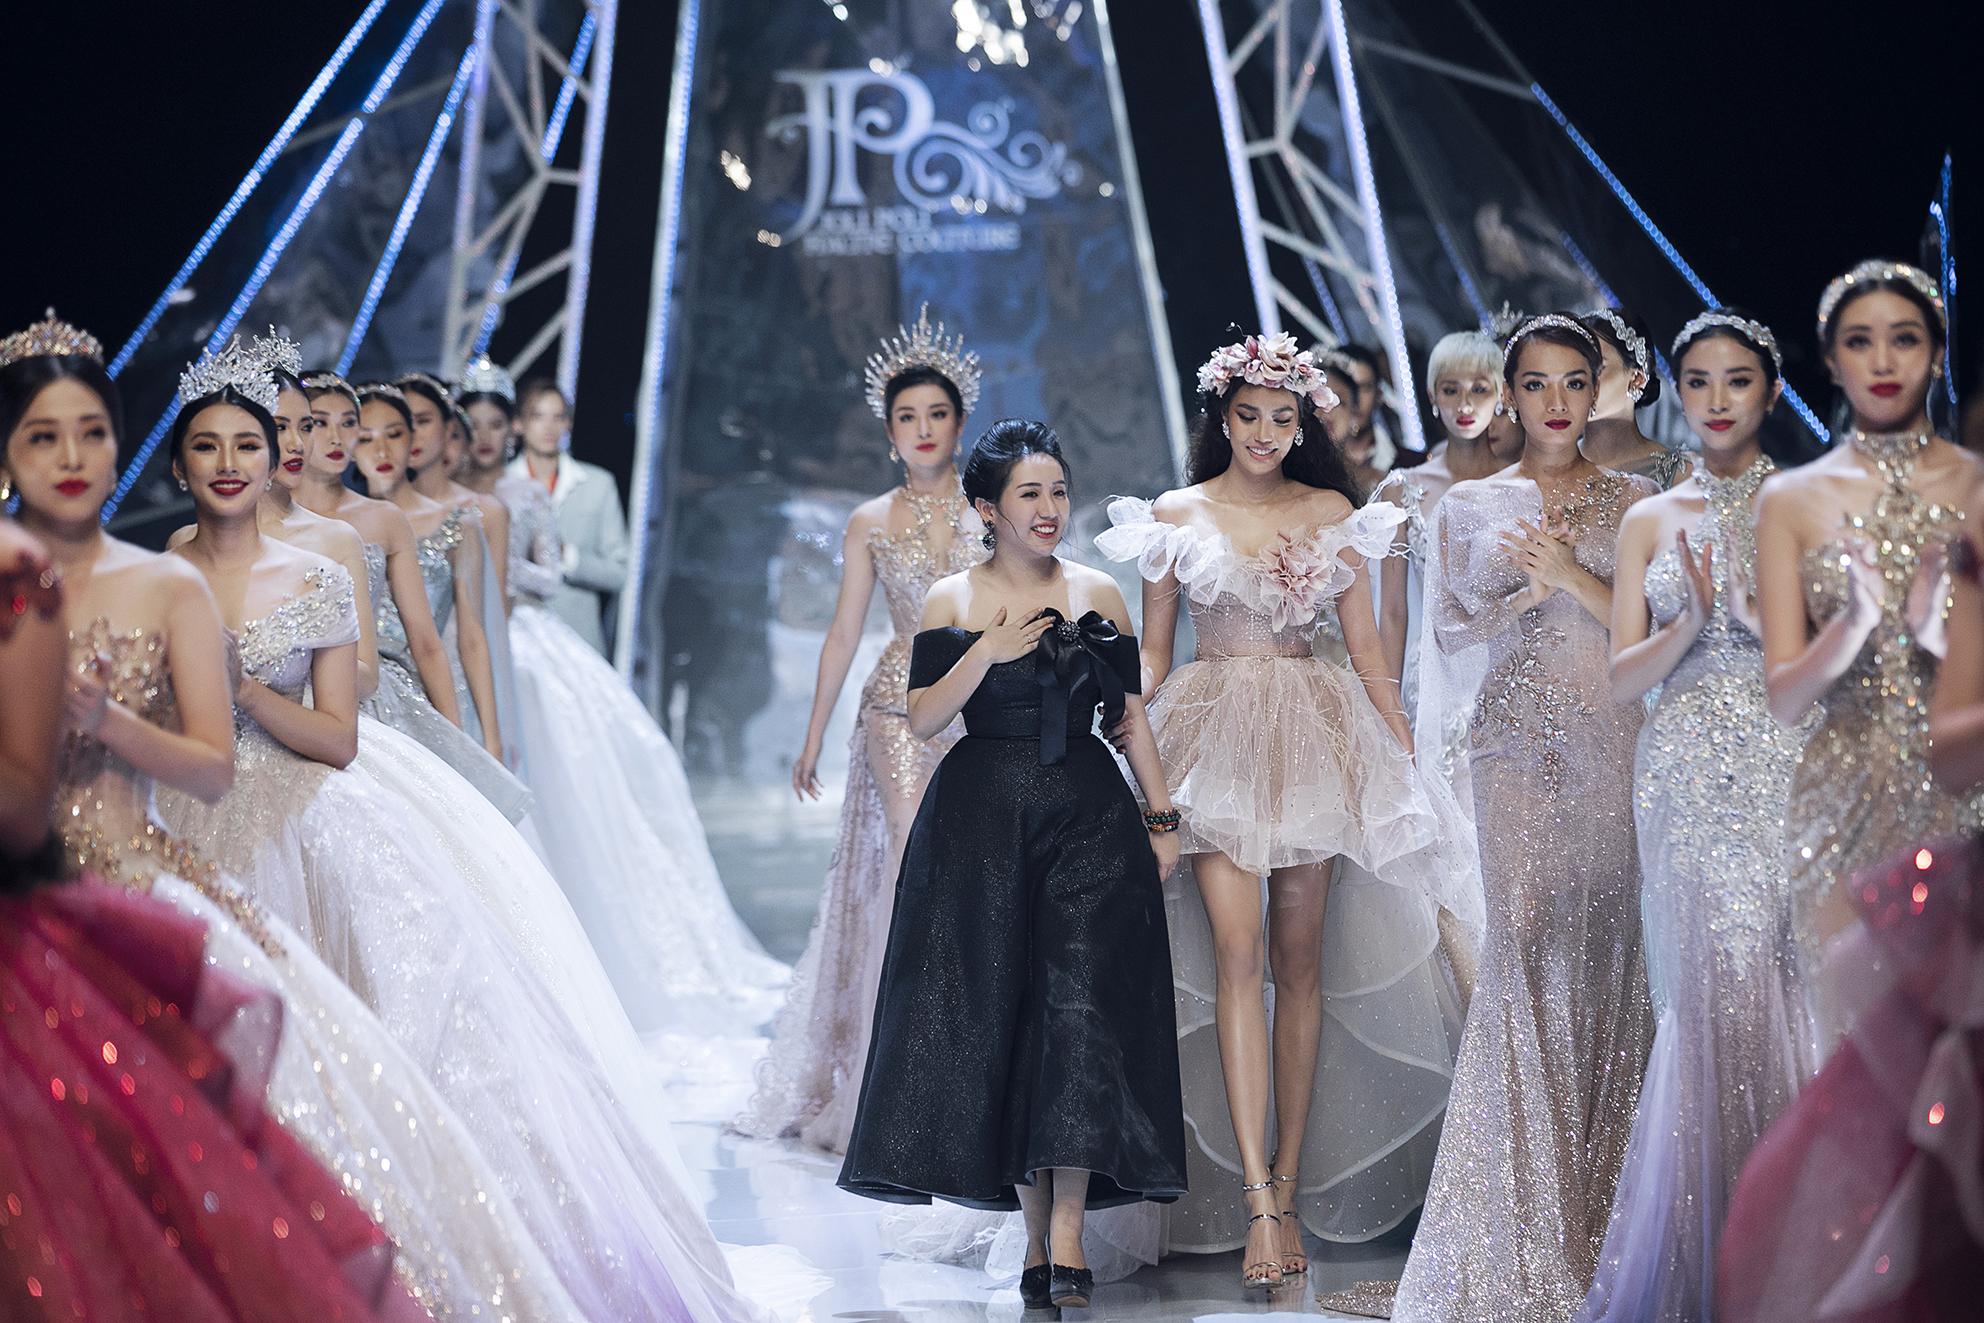 Đối lập Hương Giang sắc lạnh, hoa hậu Tiểu Vy catwalk như một 'thiên thần' - Ảnh 11